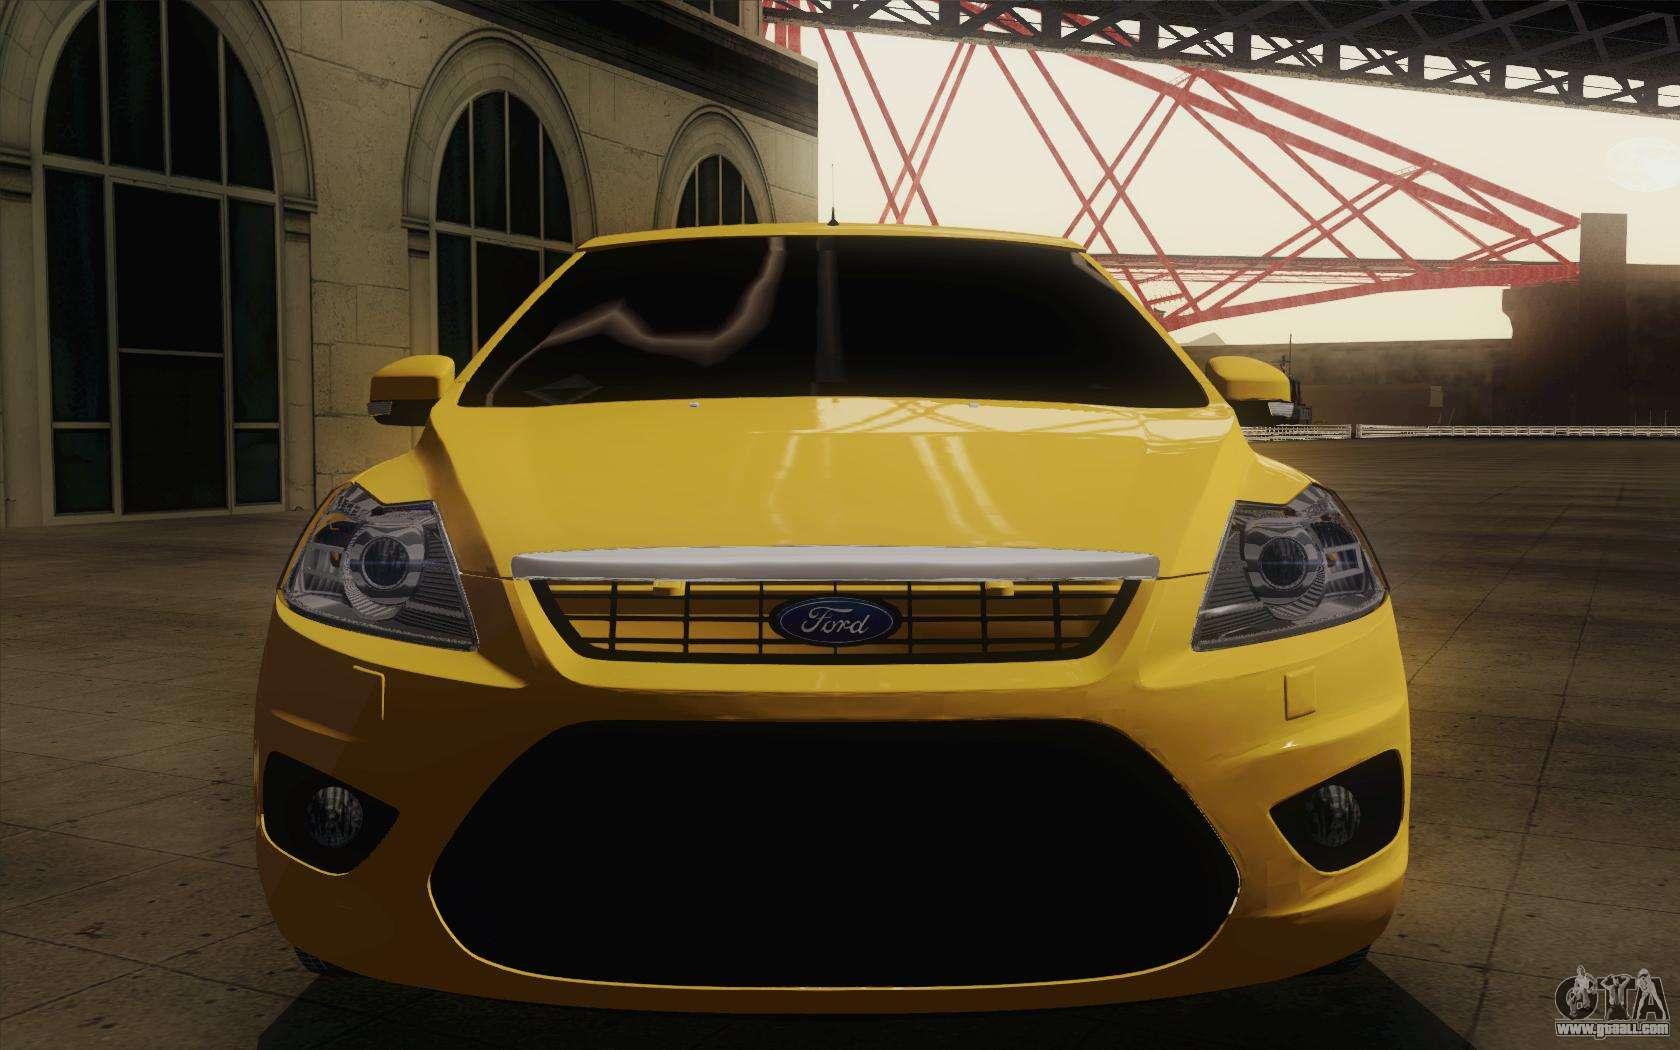 Ford Focus 2017, información y precios - Autofácil